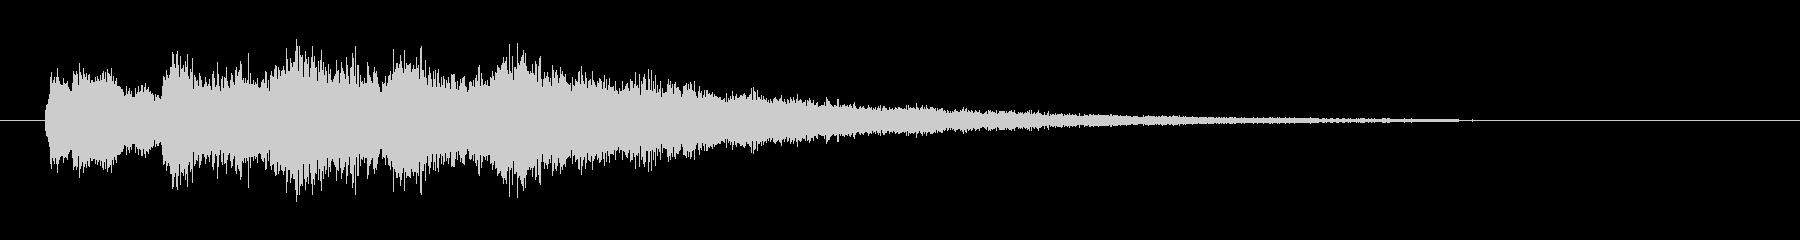 チャイム的な音の未再生の波形